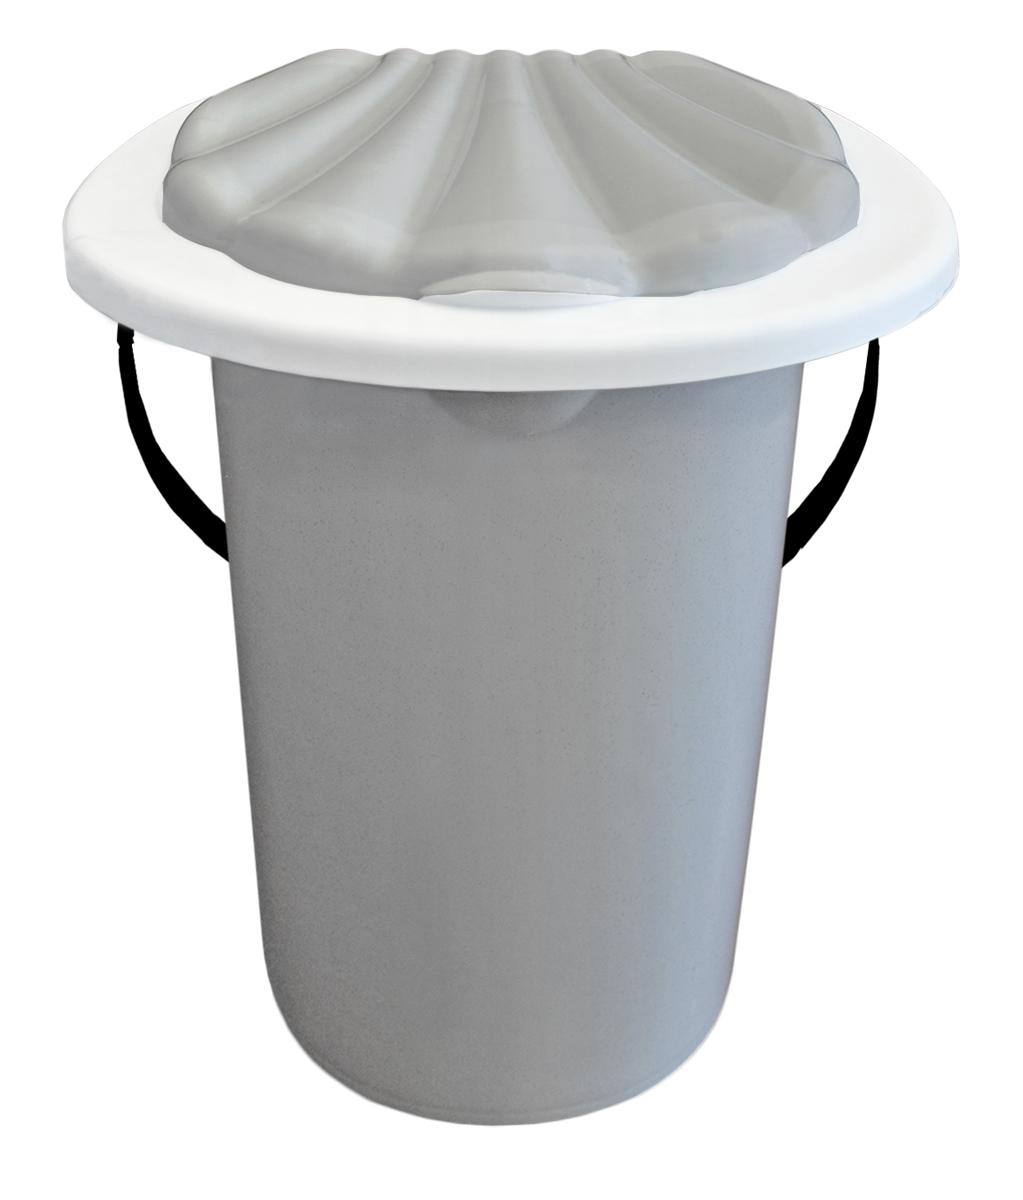 """Ведро-туалет """"InGreen"""" выполнено из пластика. Это  незаменимая вещь на даче, а также для пожилых людей и  людей с ограниченными возможностями. Устойчивое и  высокое ведро удобно в использовании. Ведро-туалет имеет  эргономичное съемное сиденье - это позволит легко его мыть  и сушить отдельно. Ведро снабжено крышкой, что препятствует  распространению неприятных запахов. Прочный пластик  выдержит даже людей с большим весом."""